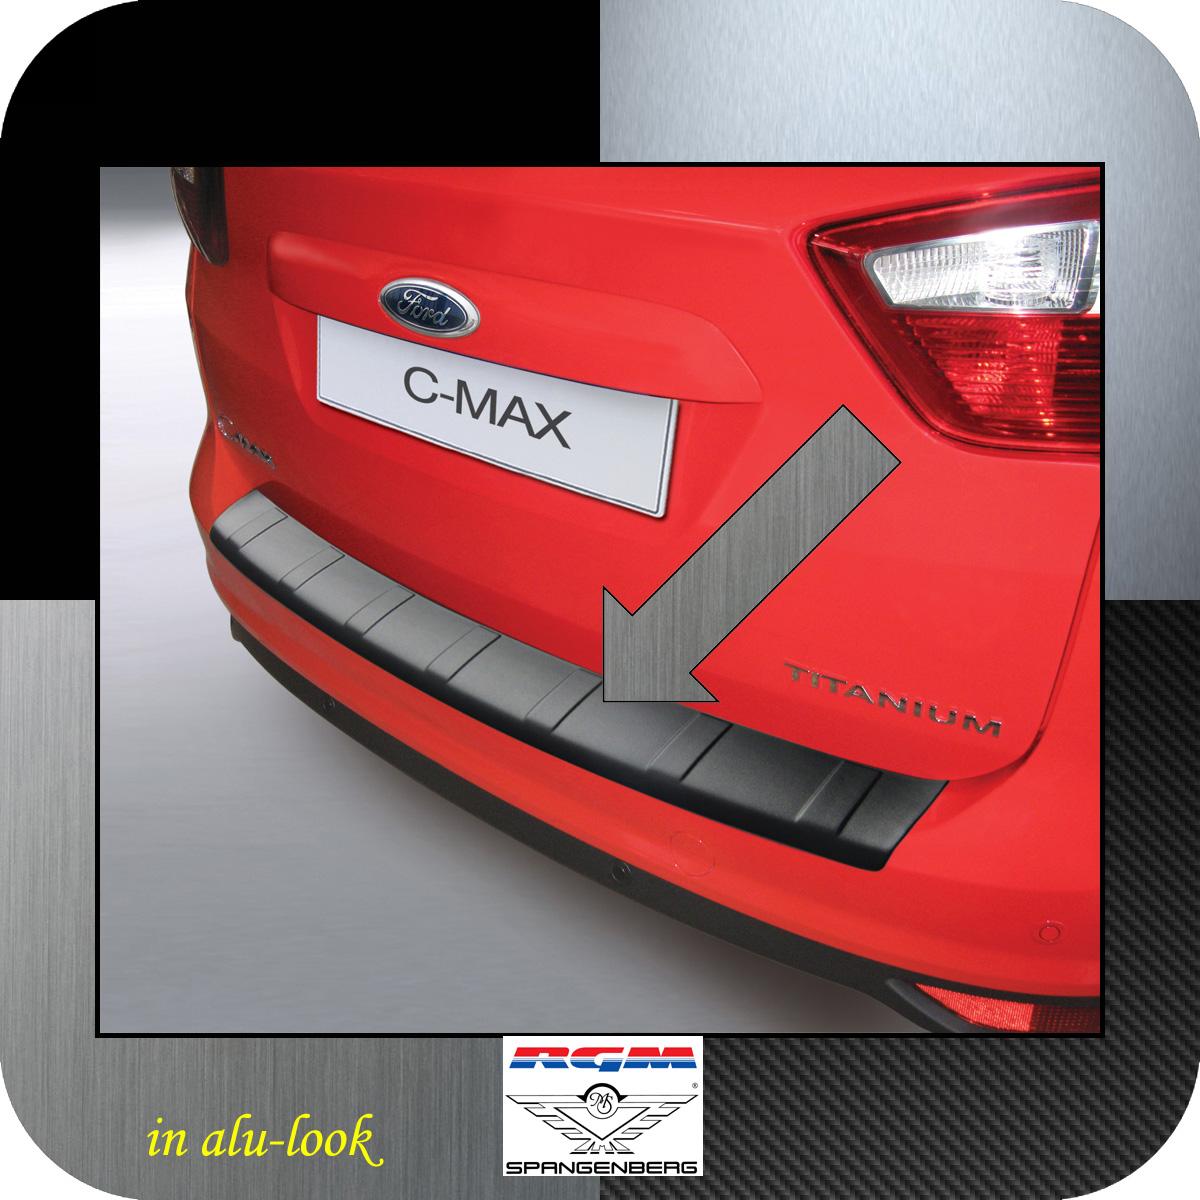 Ladekantenschutz Alu-Look Ford C-MAX II vor facelift 2010-2015 3504773